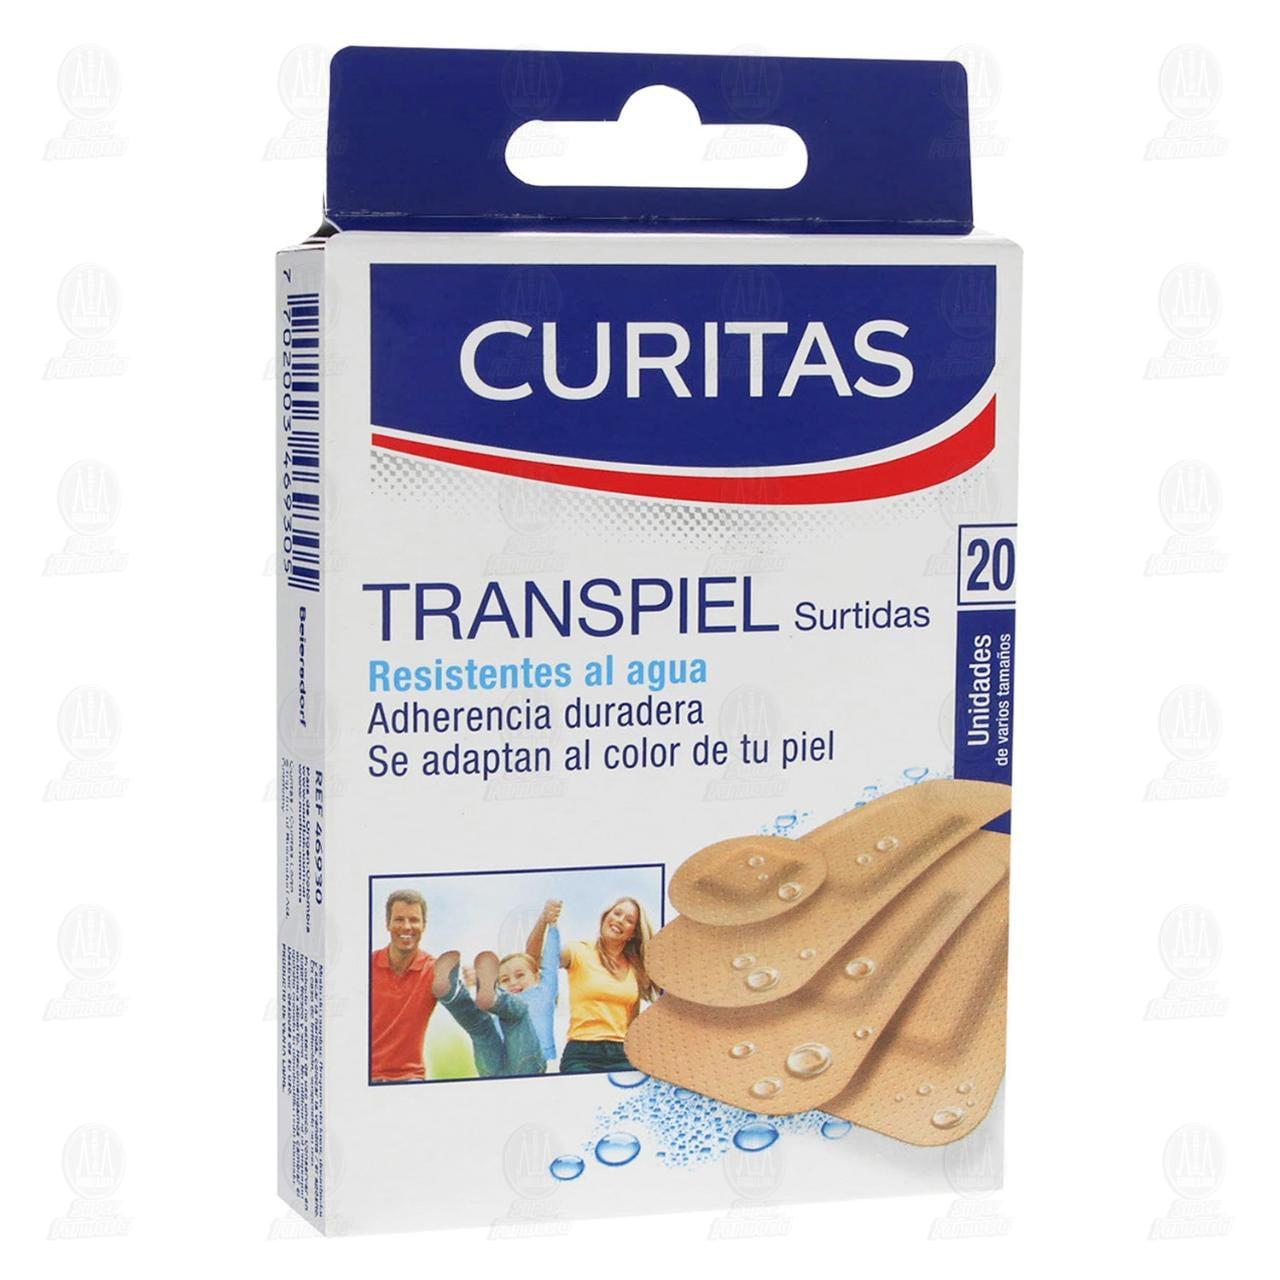 Comprar Curitas Venditas Transpiel Surtidas 20pzas en Farmacias Guadalajara